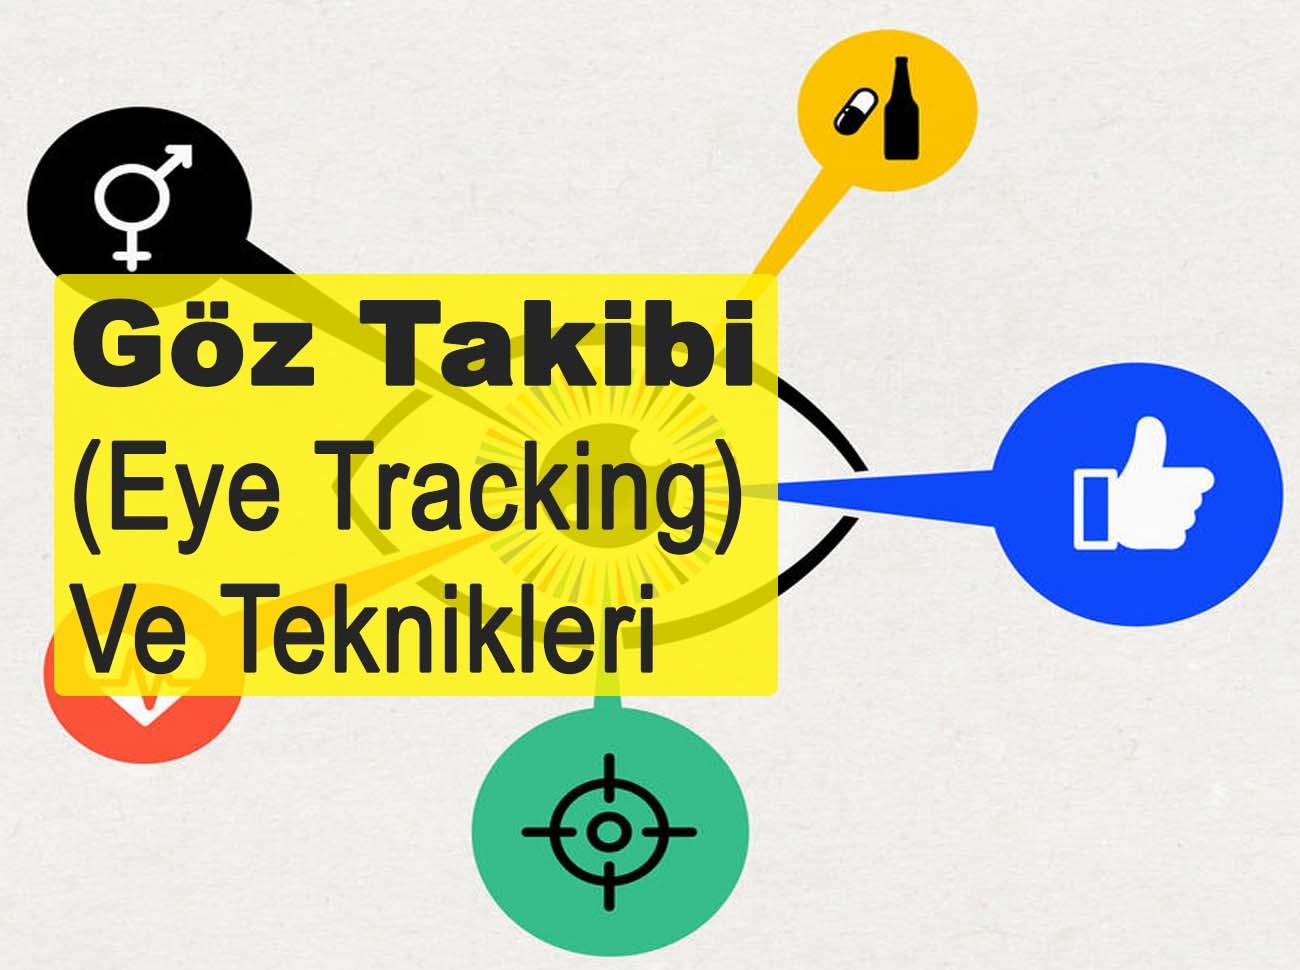 Göz Takibi (Eye Tracking) Ve Teknikleri